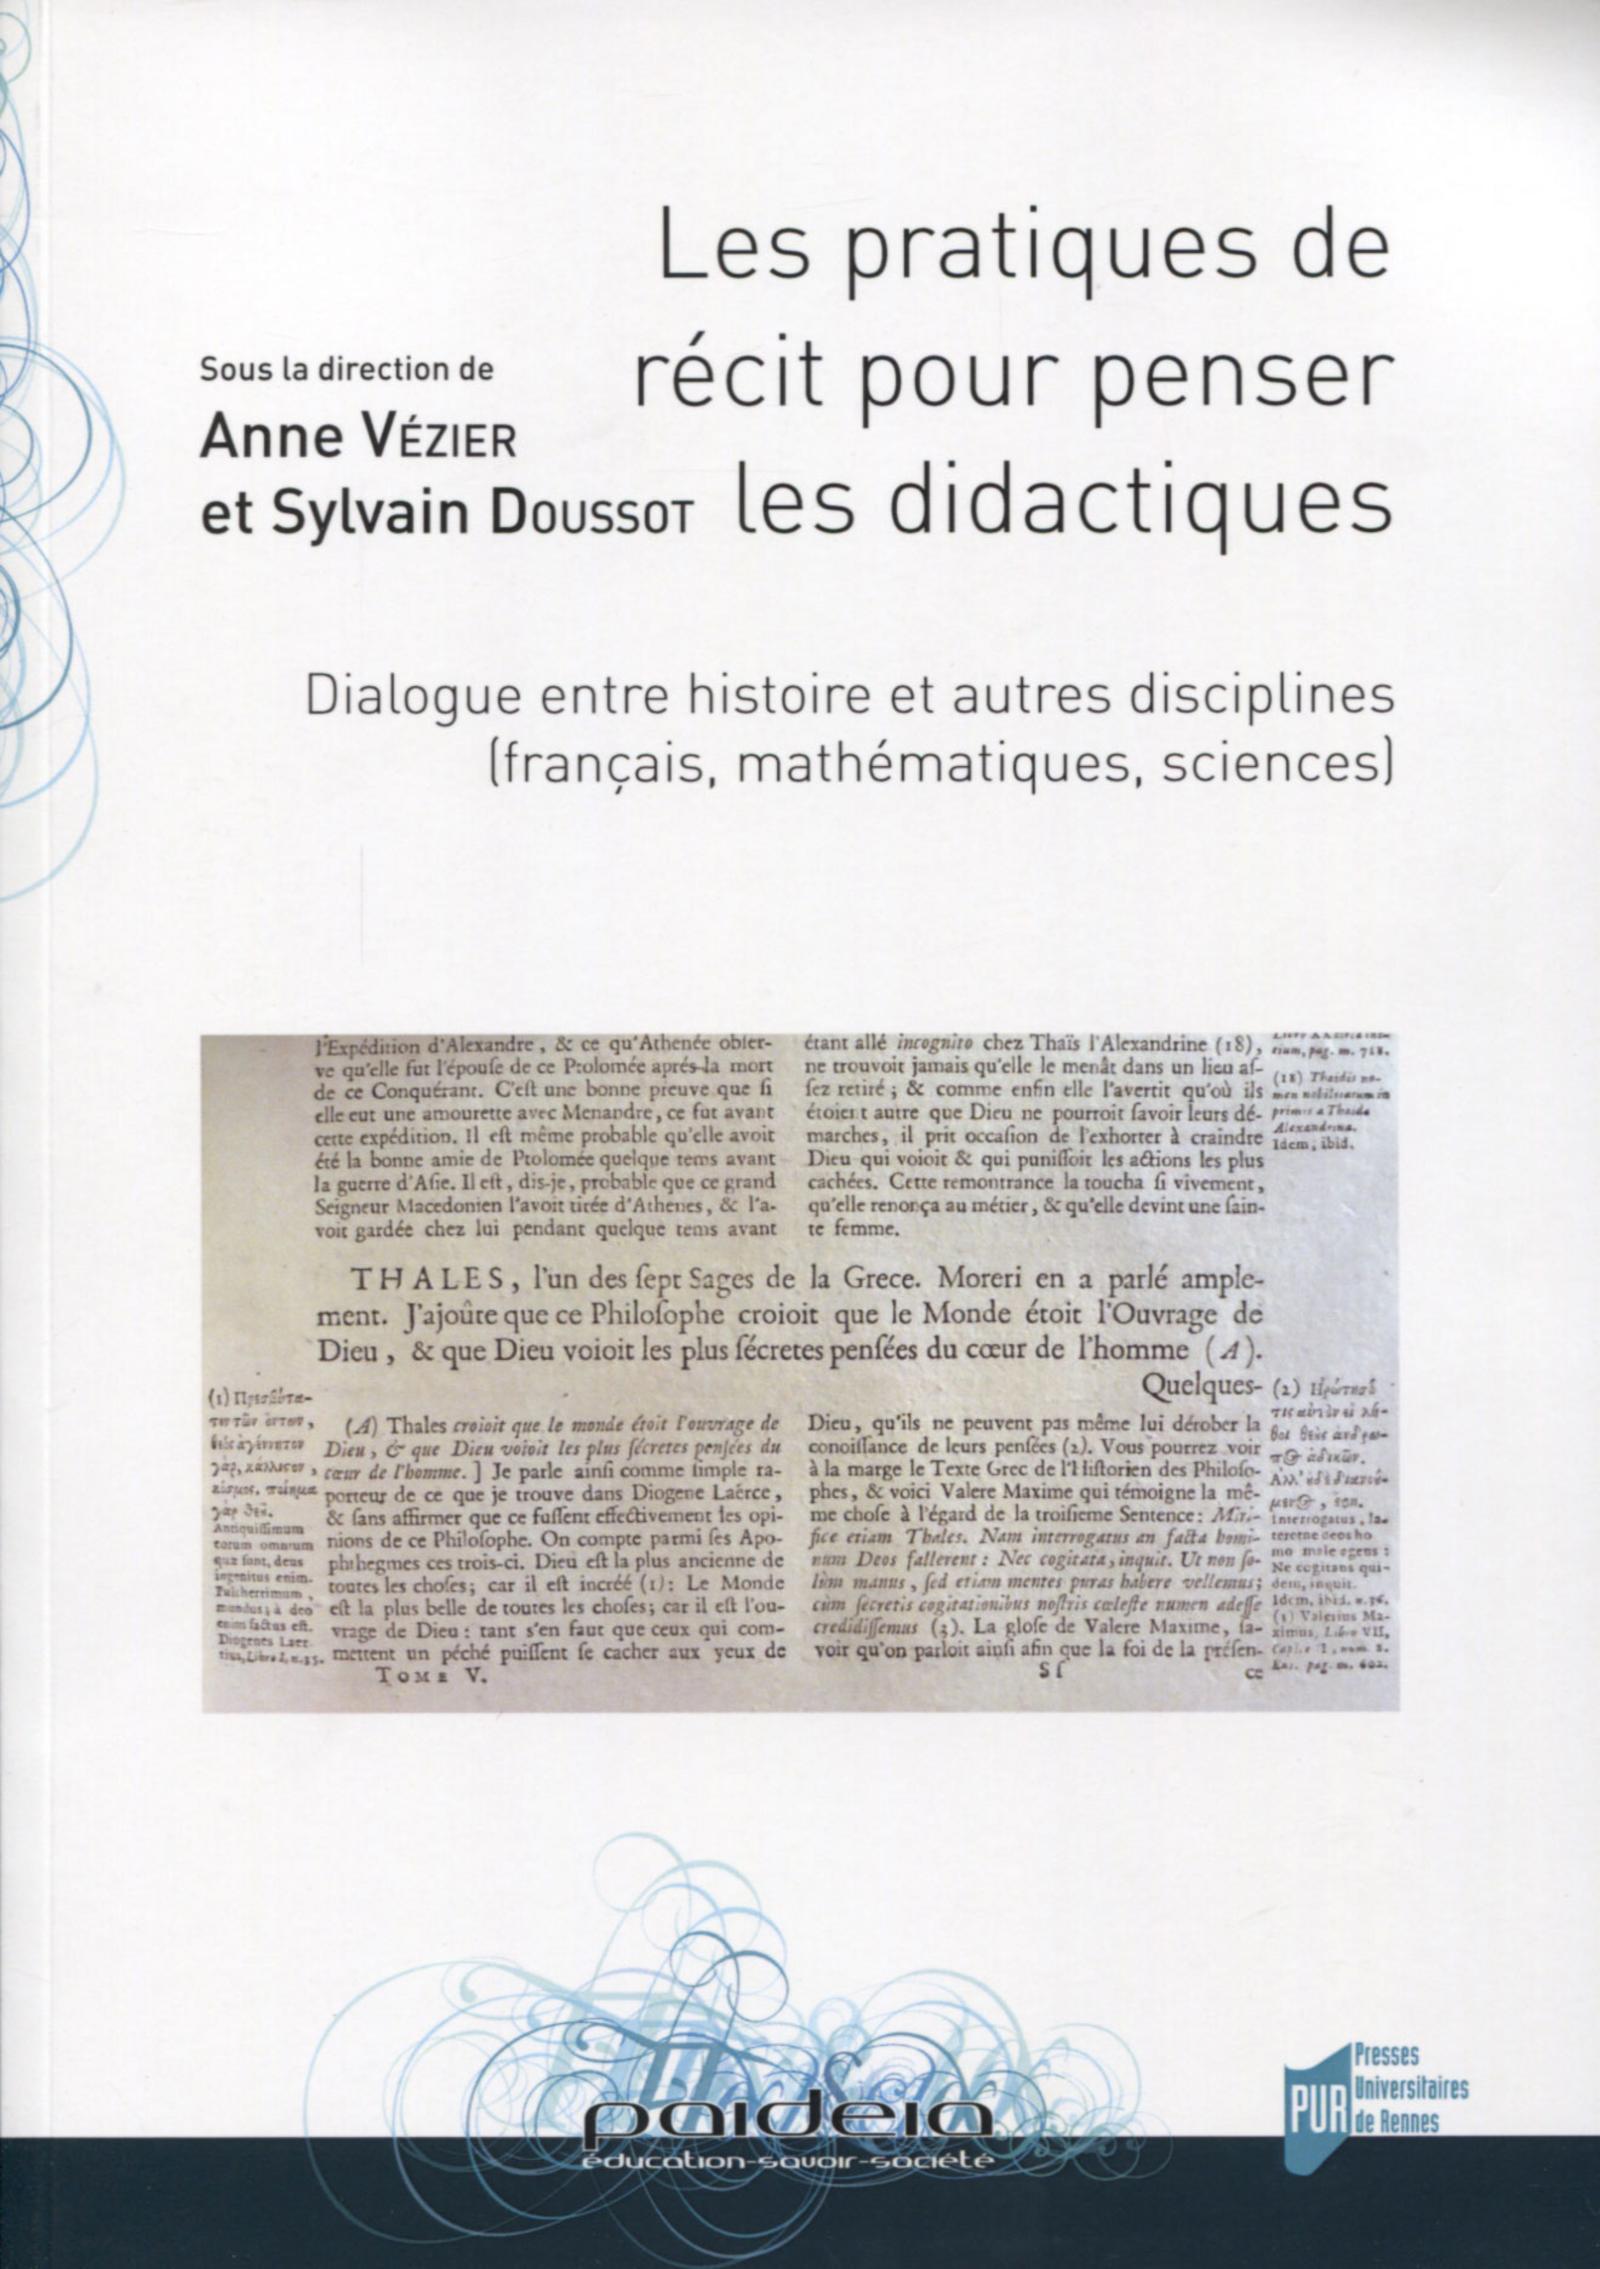 LES PRATIQUES DE RECIT POUR PENSER LES DIDACTIQUES - DIALOGUE ENTRE HISTOIRE ET AUTRES DISCIPLINES (